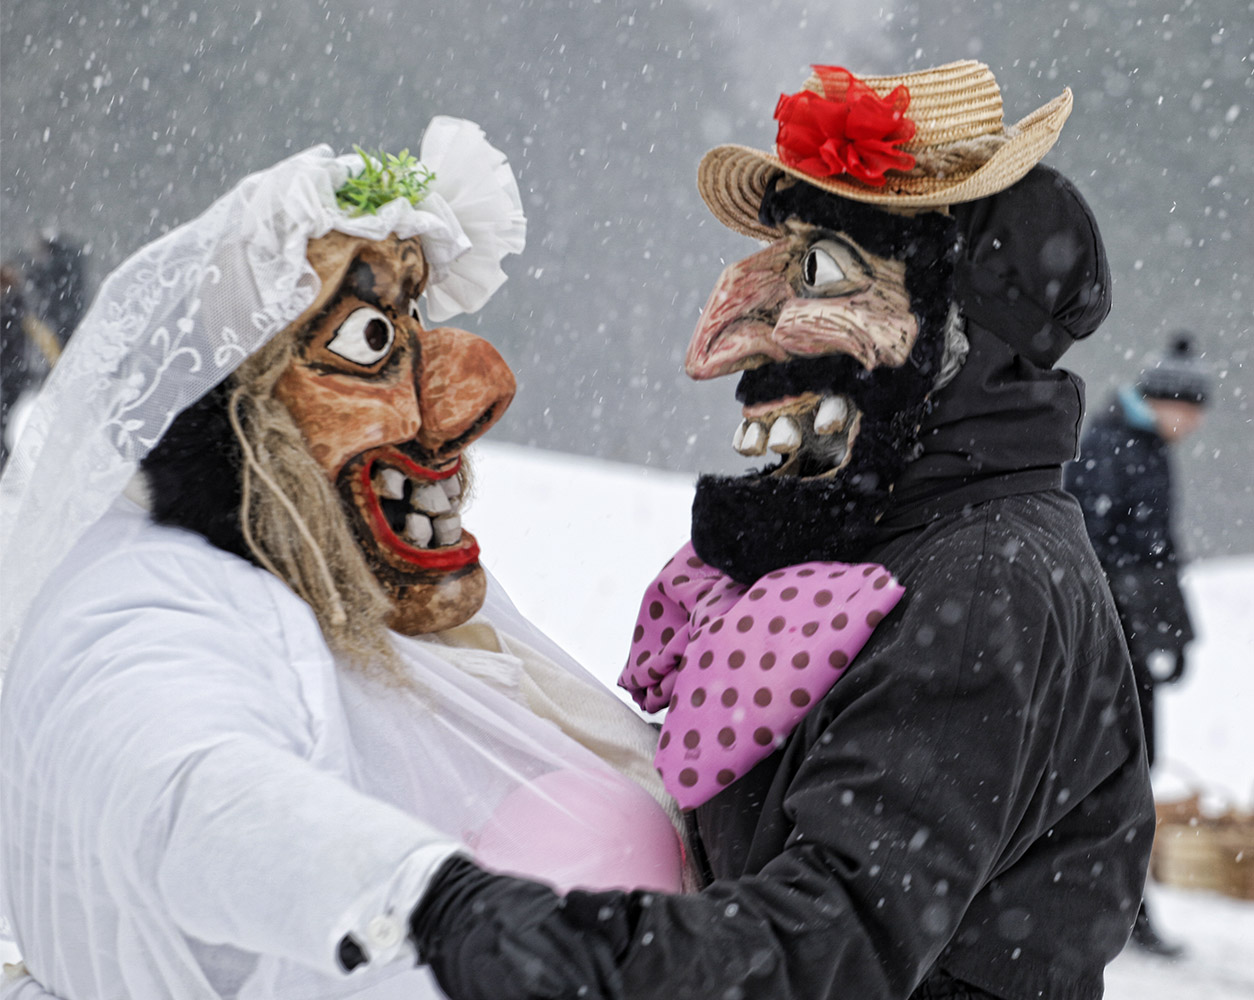 Žydų vestuvės | Alkas.lt, V. Daraškevičiaus nuotr.